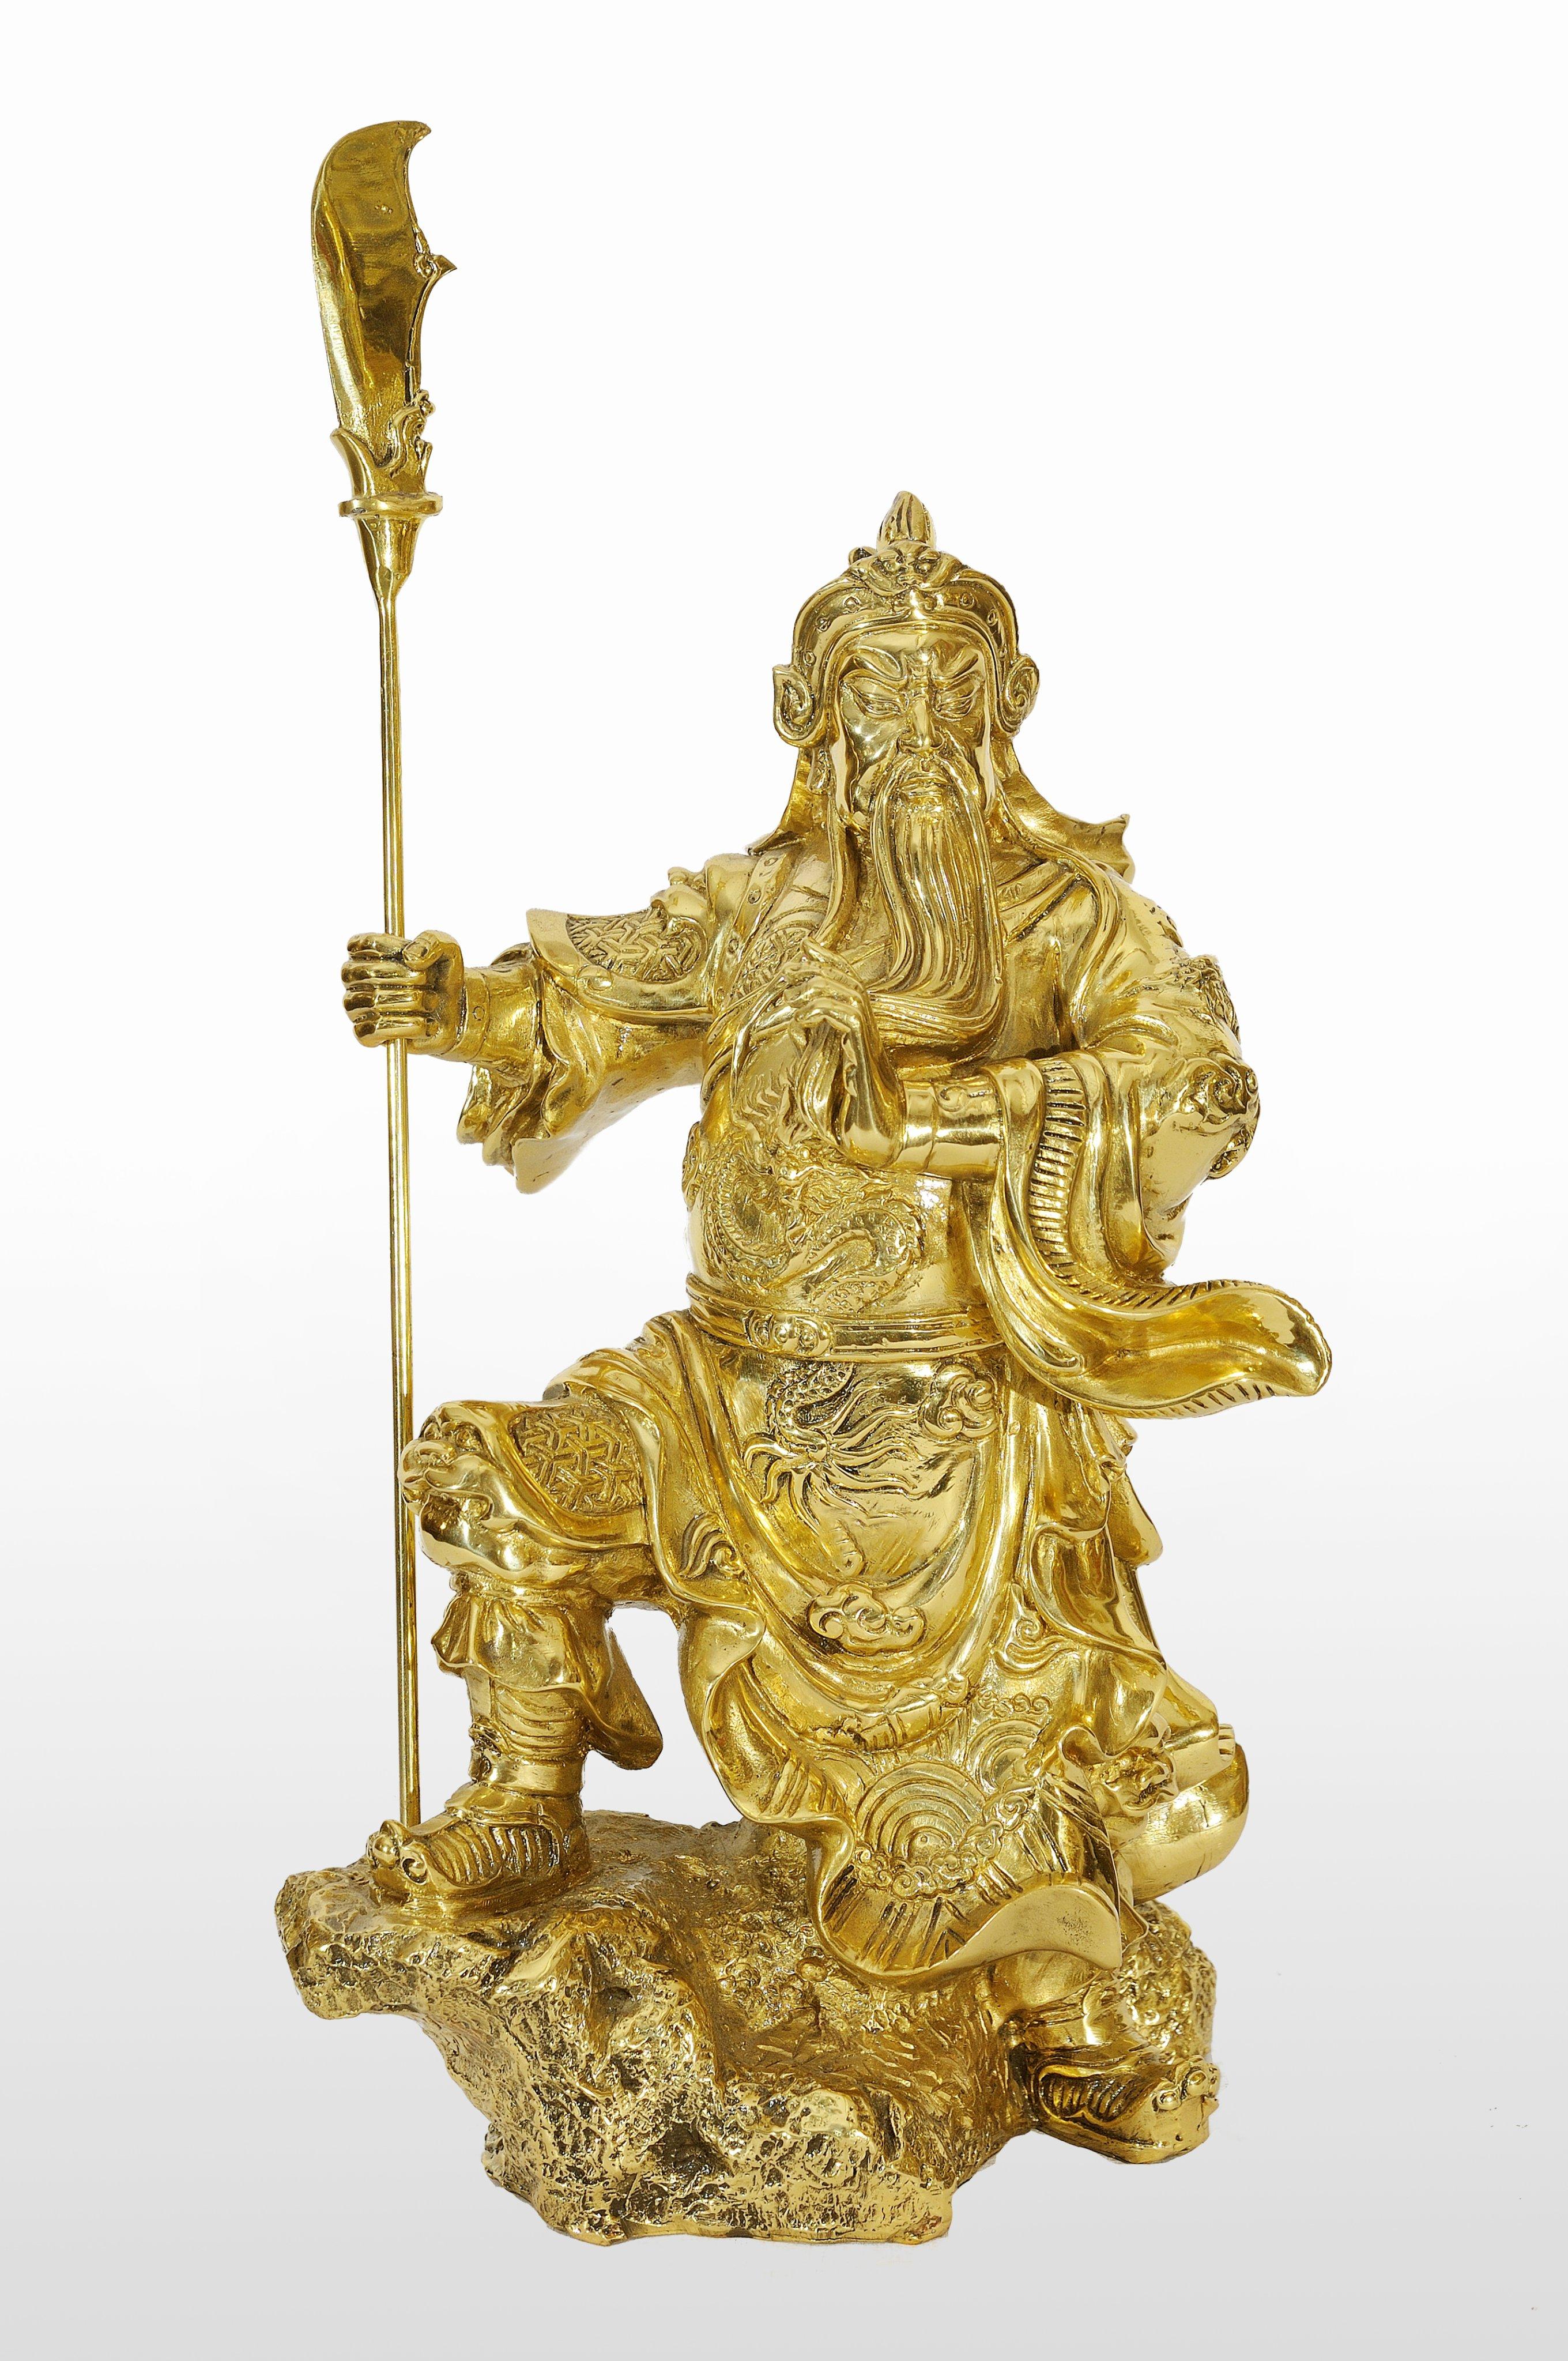 Nguyên liệu chính dùng để tạo nên những bức tượng đồng